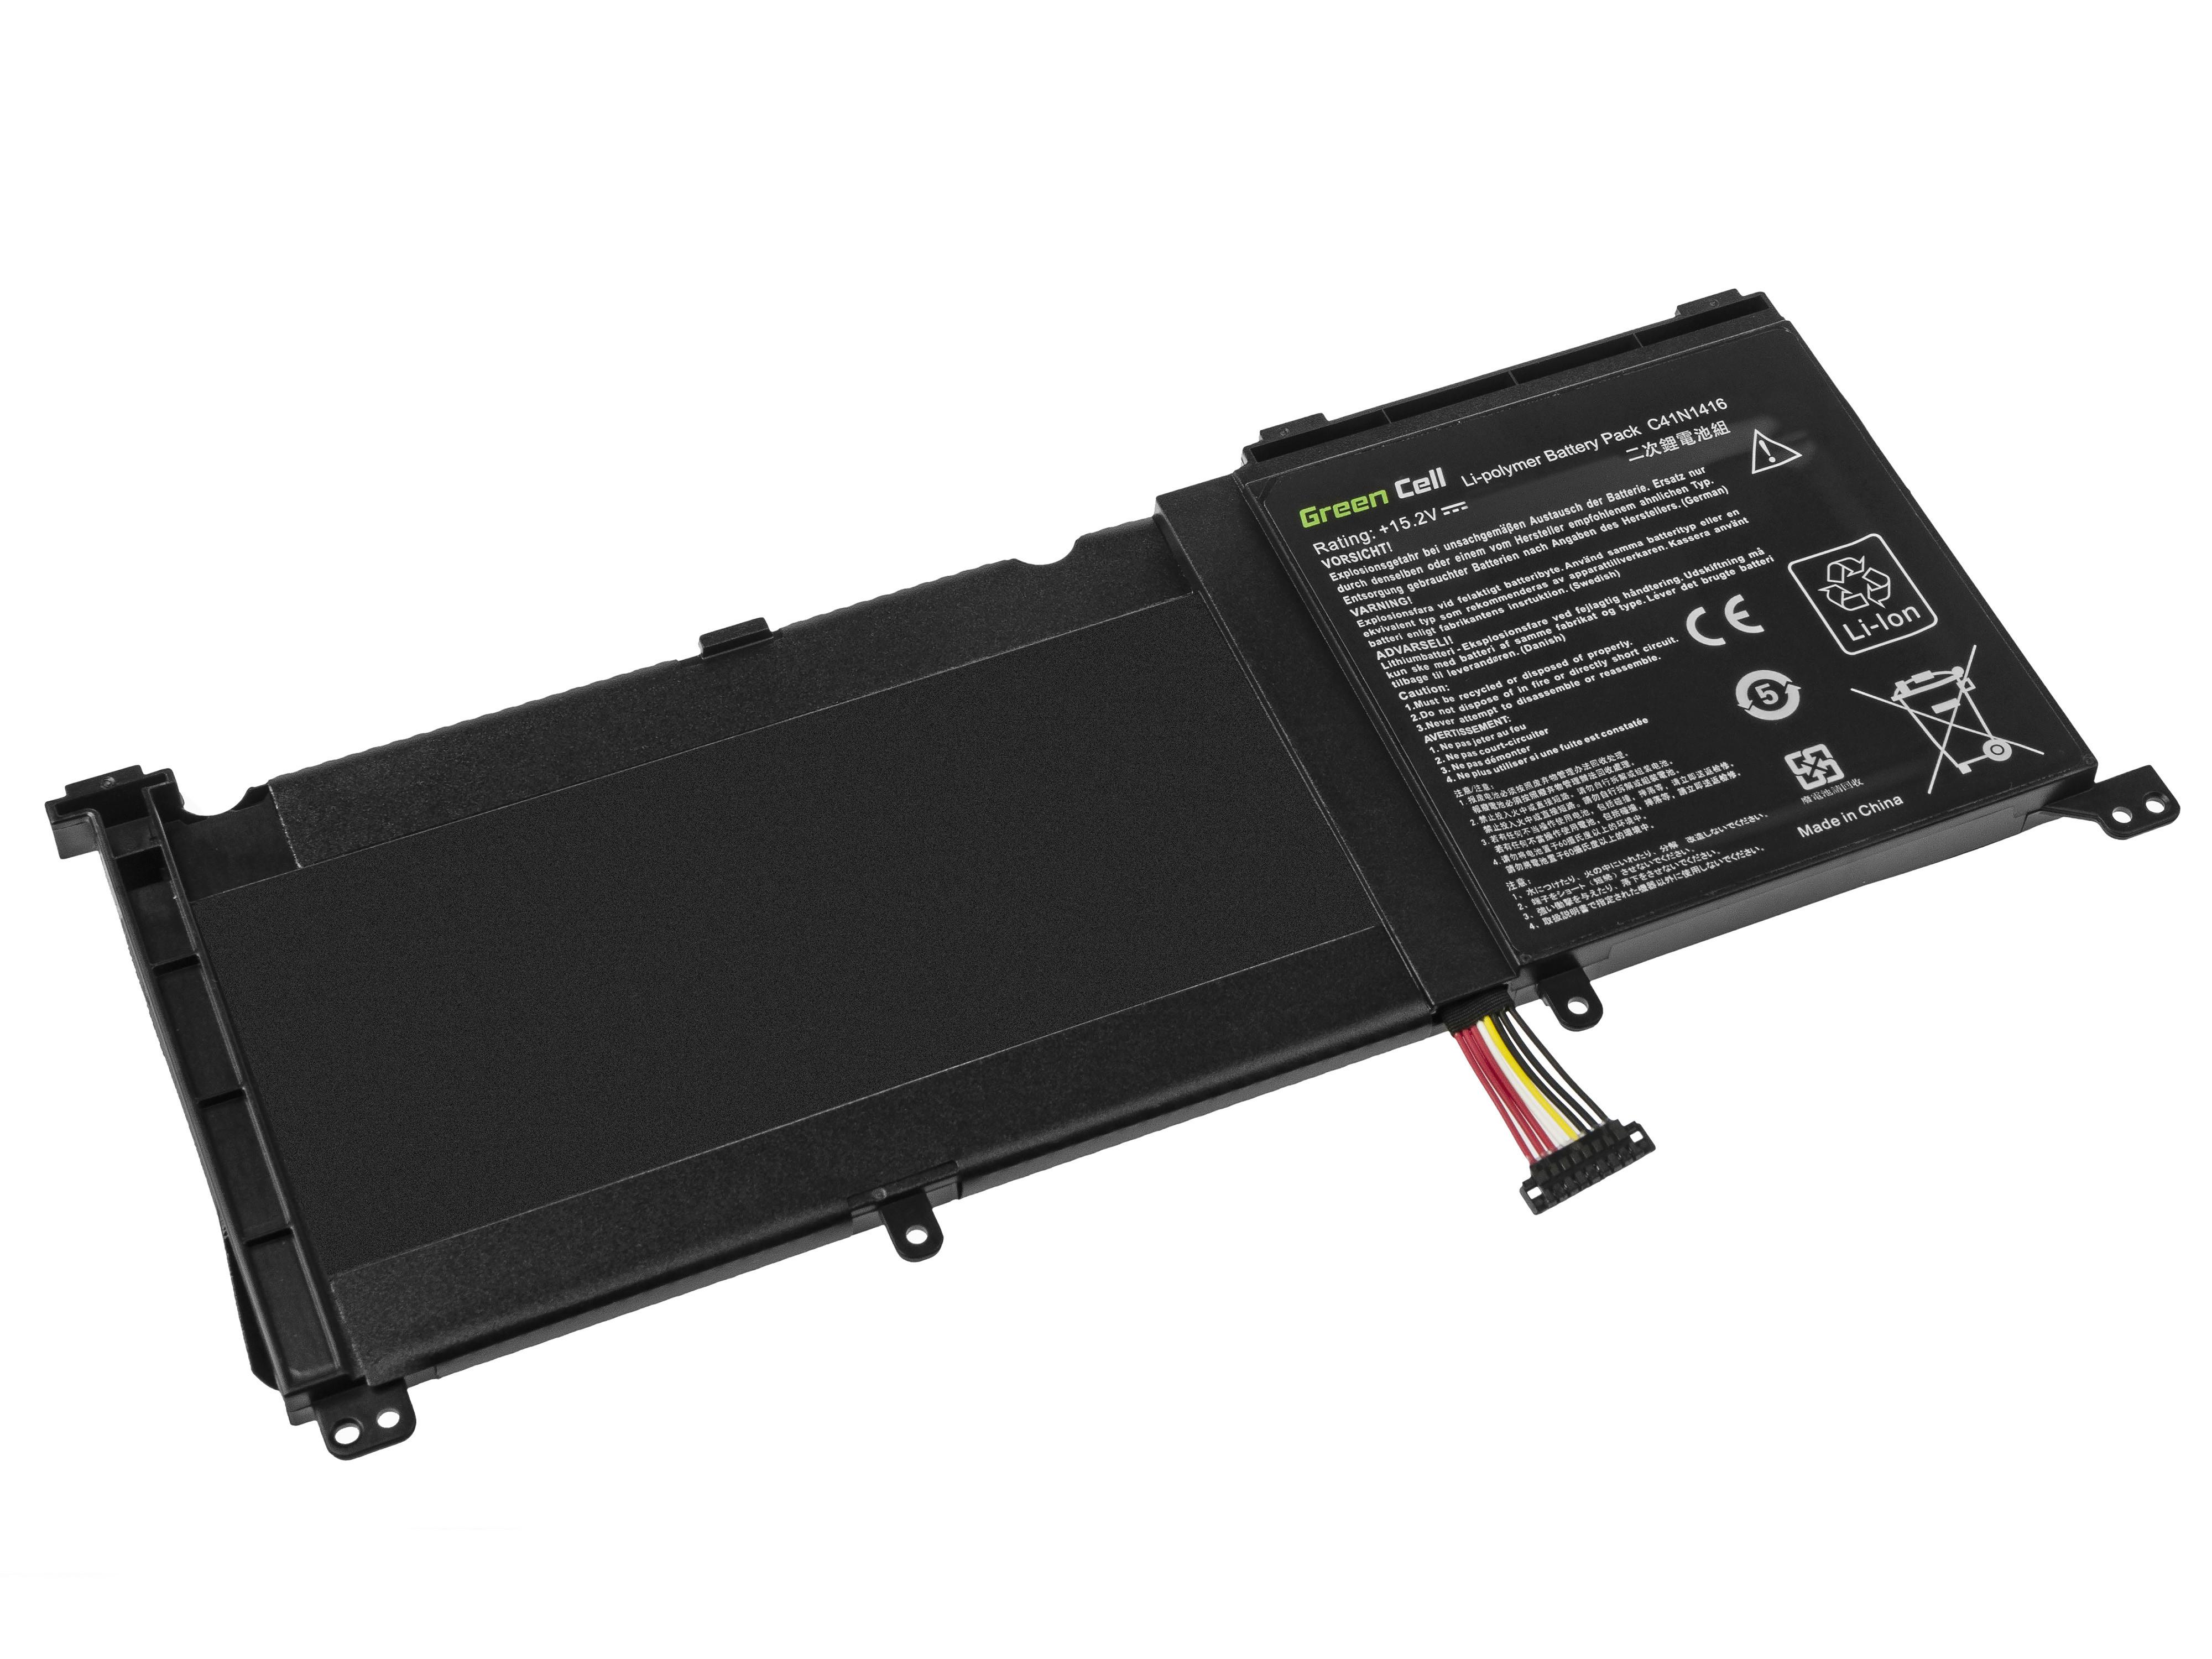 Green Cell C41N1416 Battery for Asus G501J G501JW G501V G501VW Asus ZenBook Pro UX501 UX501J UX501JW UX501V UX501VW / 15,2V 3950